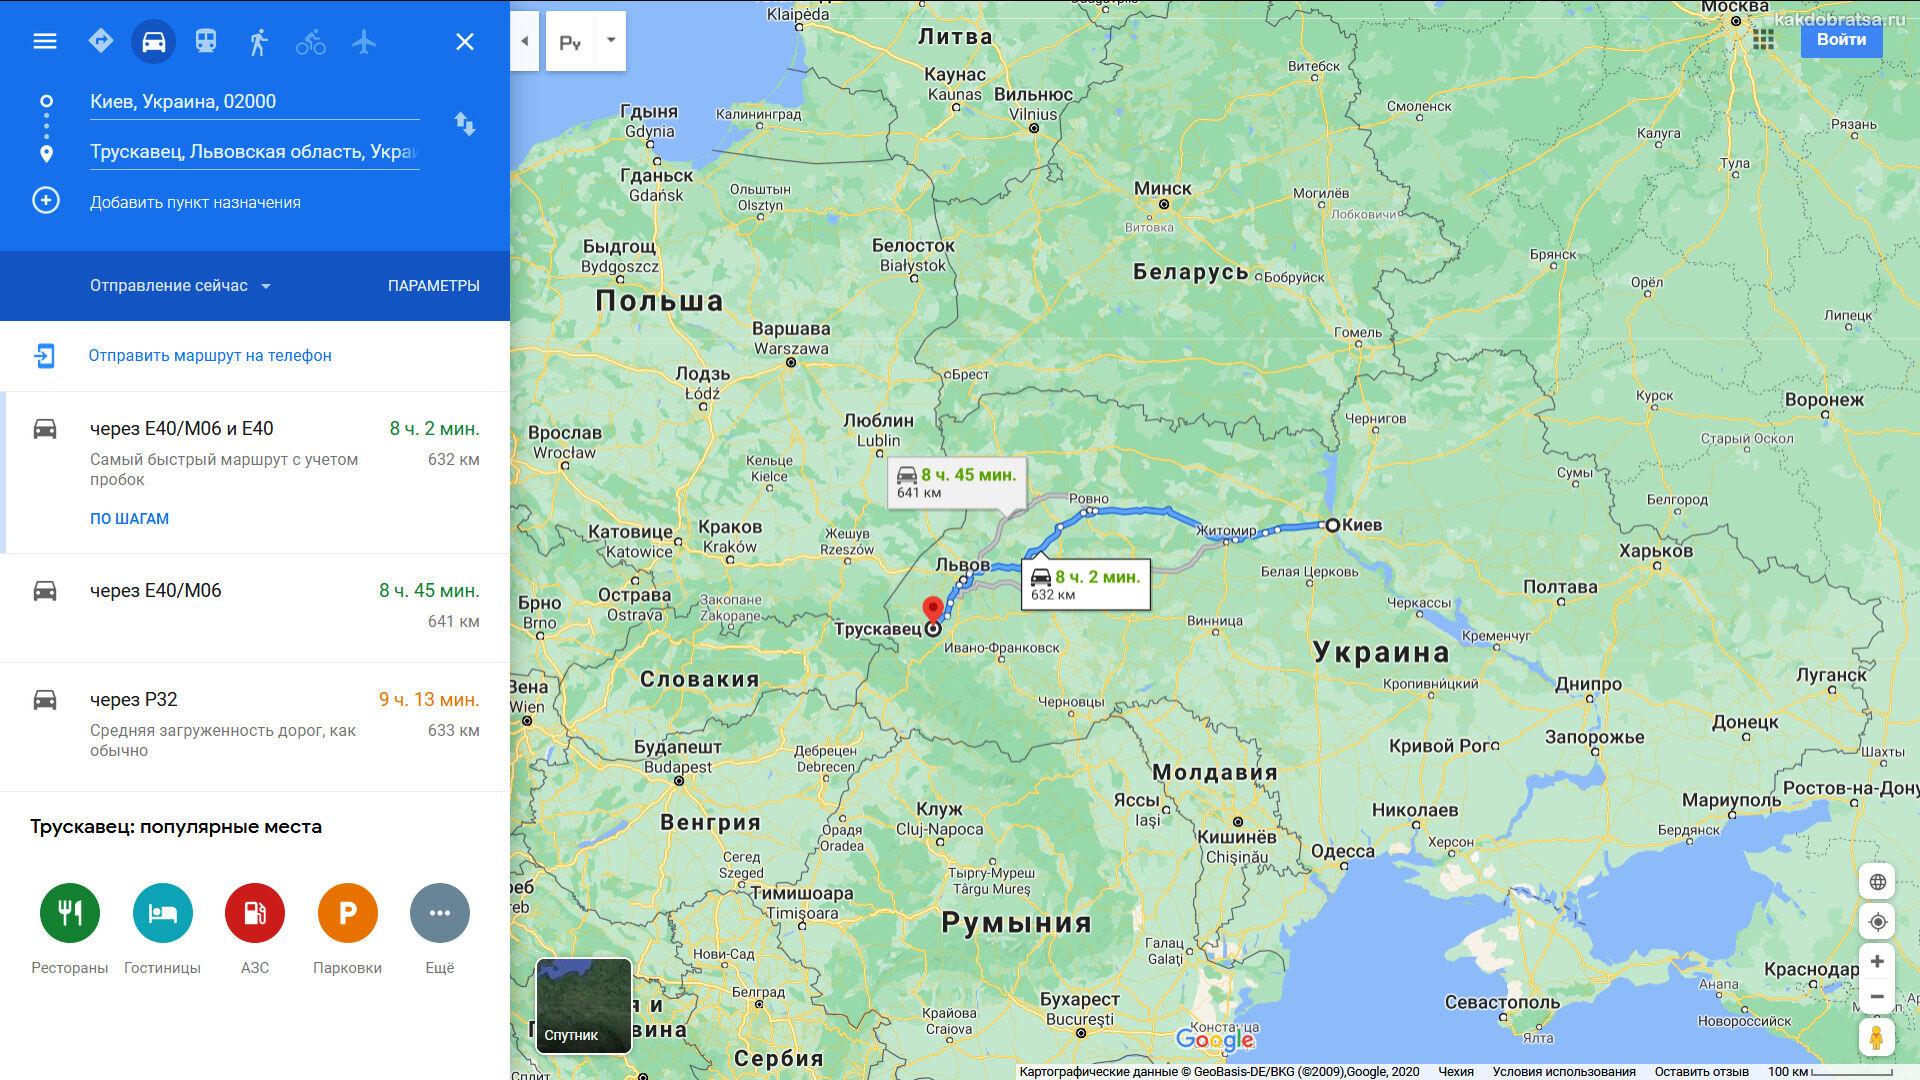 Как добраться в Трускавец из Киева расстояние, карта и маршрут